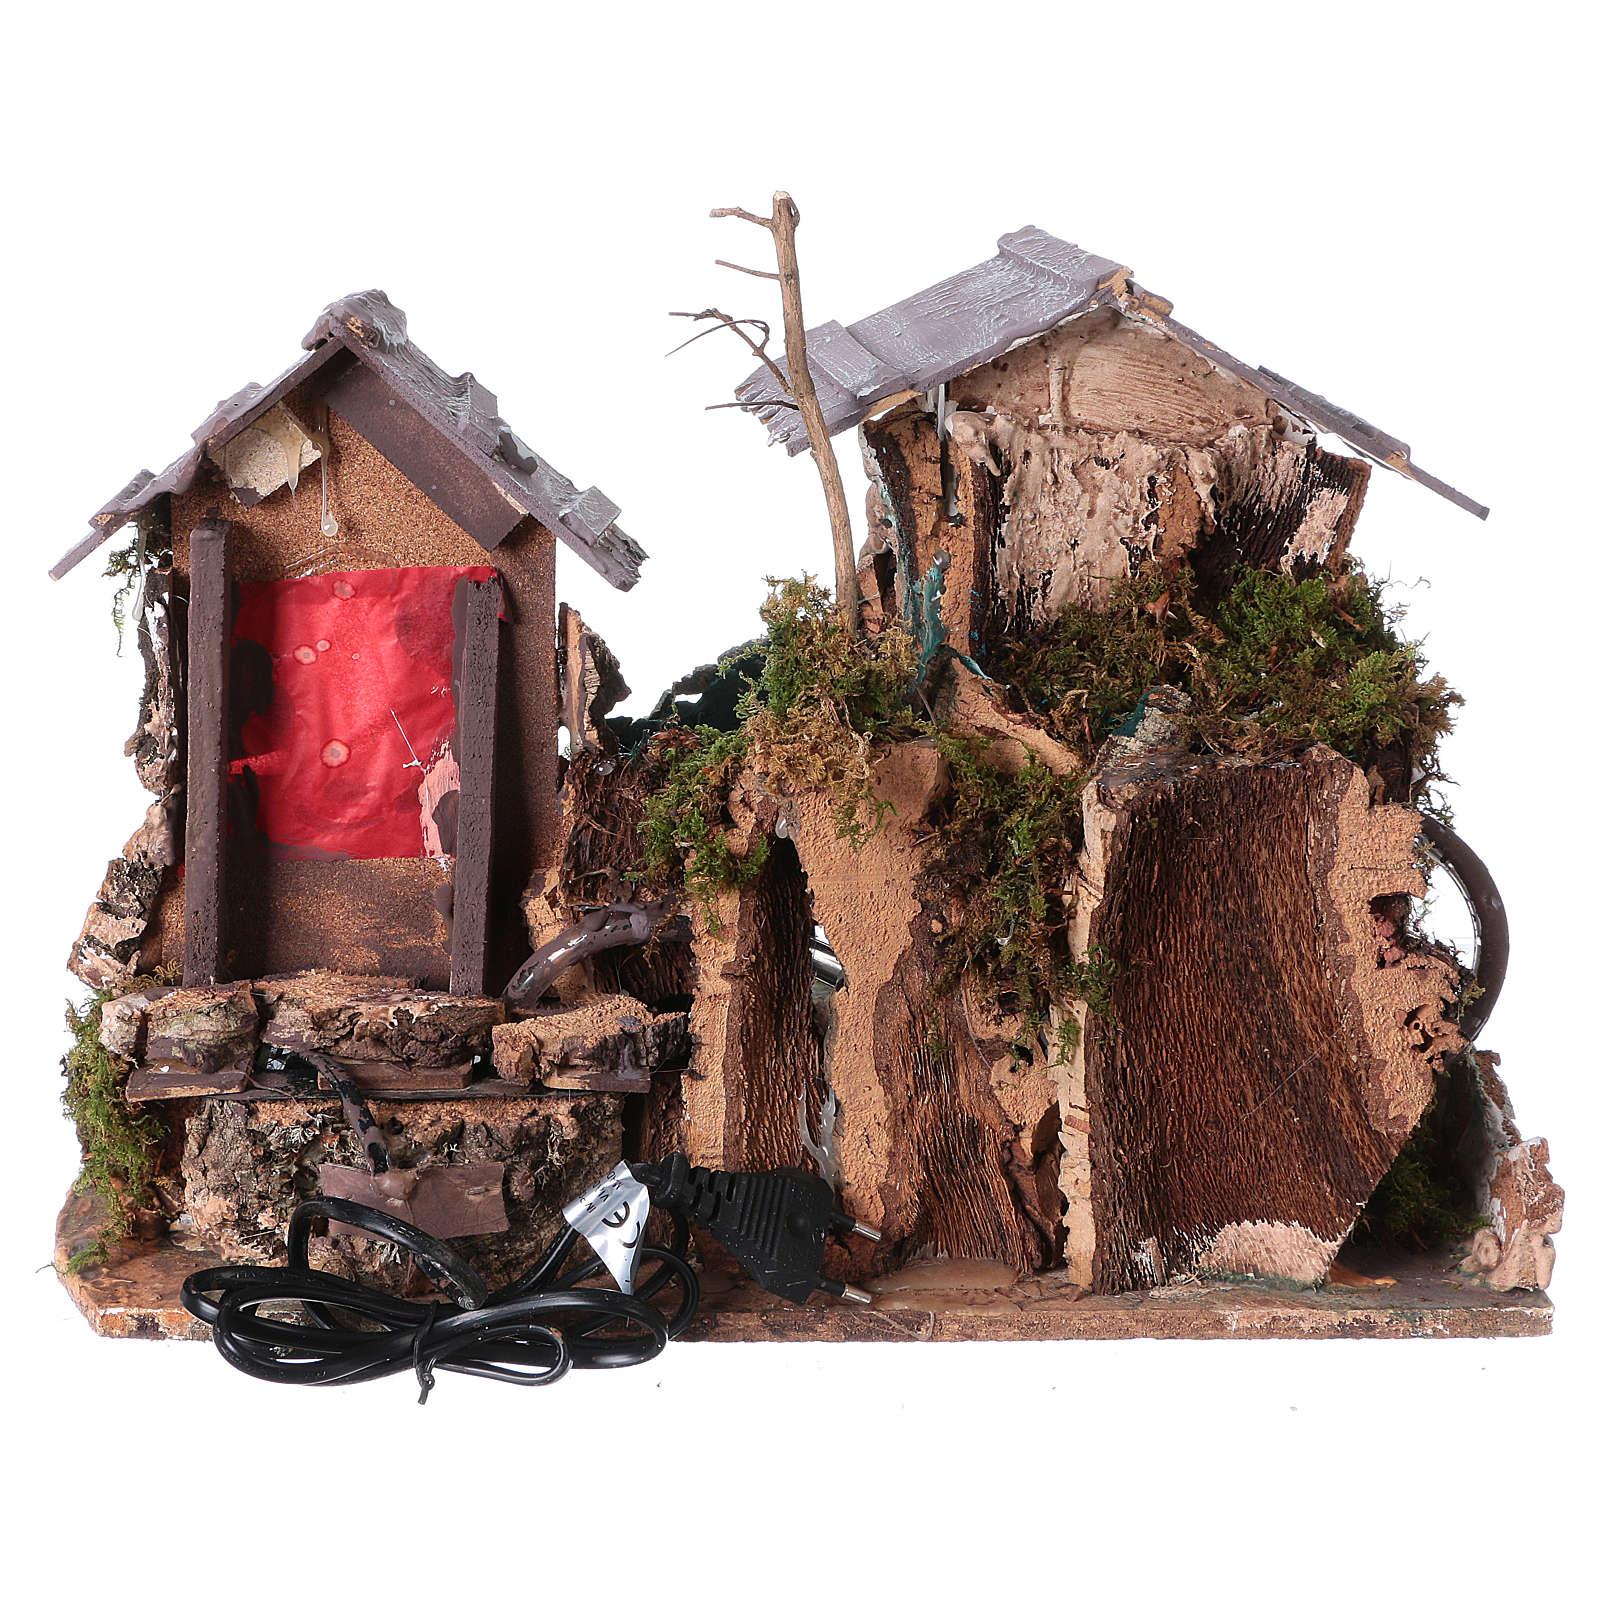 Cascade dans les maisons, milieu crèche de noel 4